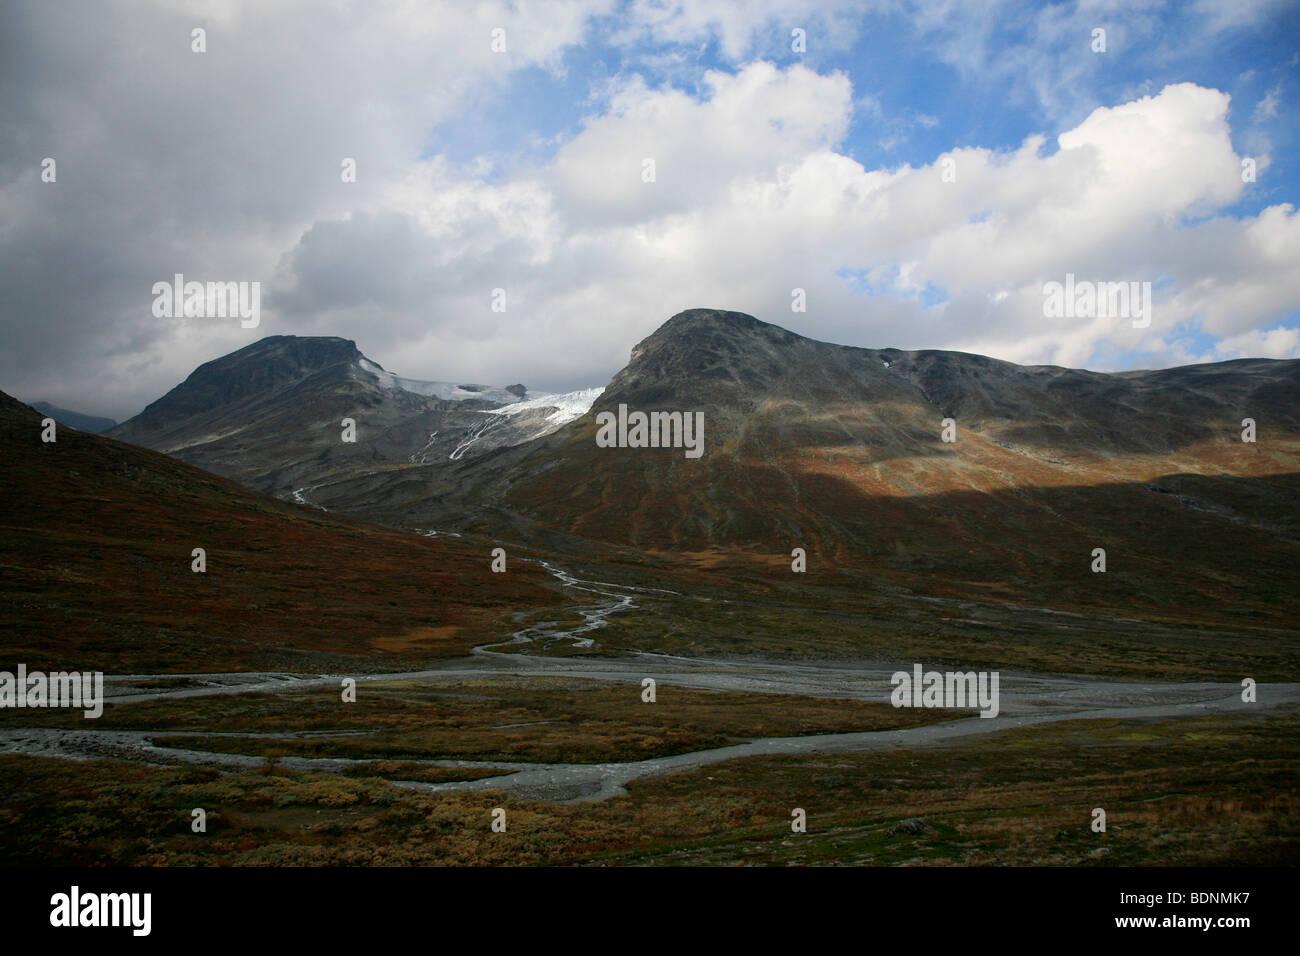 Galdhøpiggen Styggebreen Glacier viewed from Visdalen in the Jotunheimen National Park, Oppland, Norway, Scandinavia - Stock Image